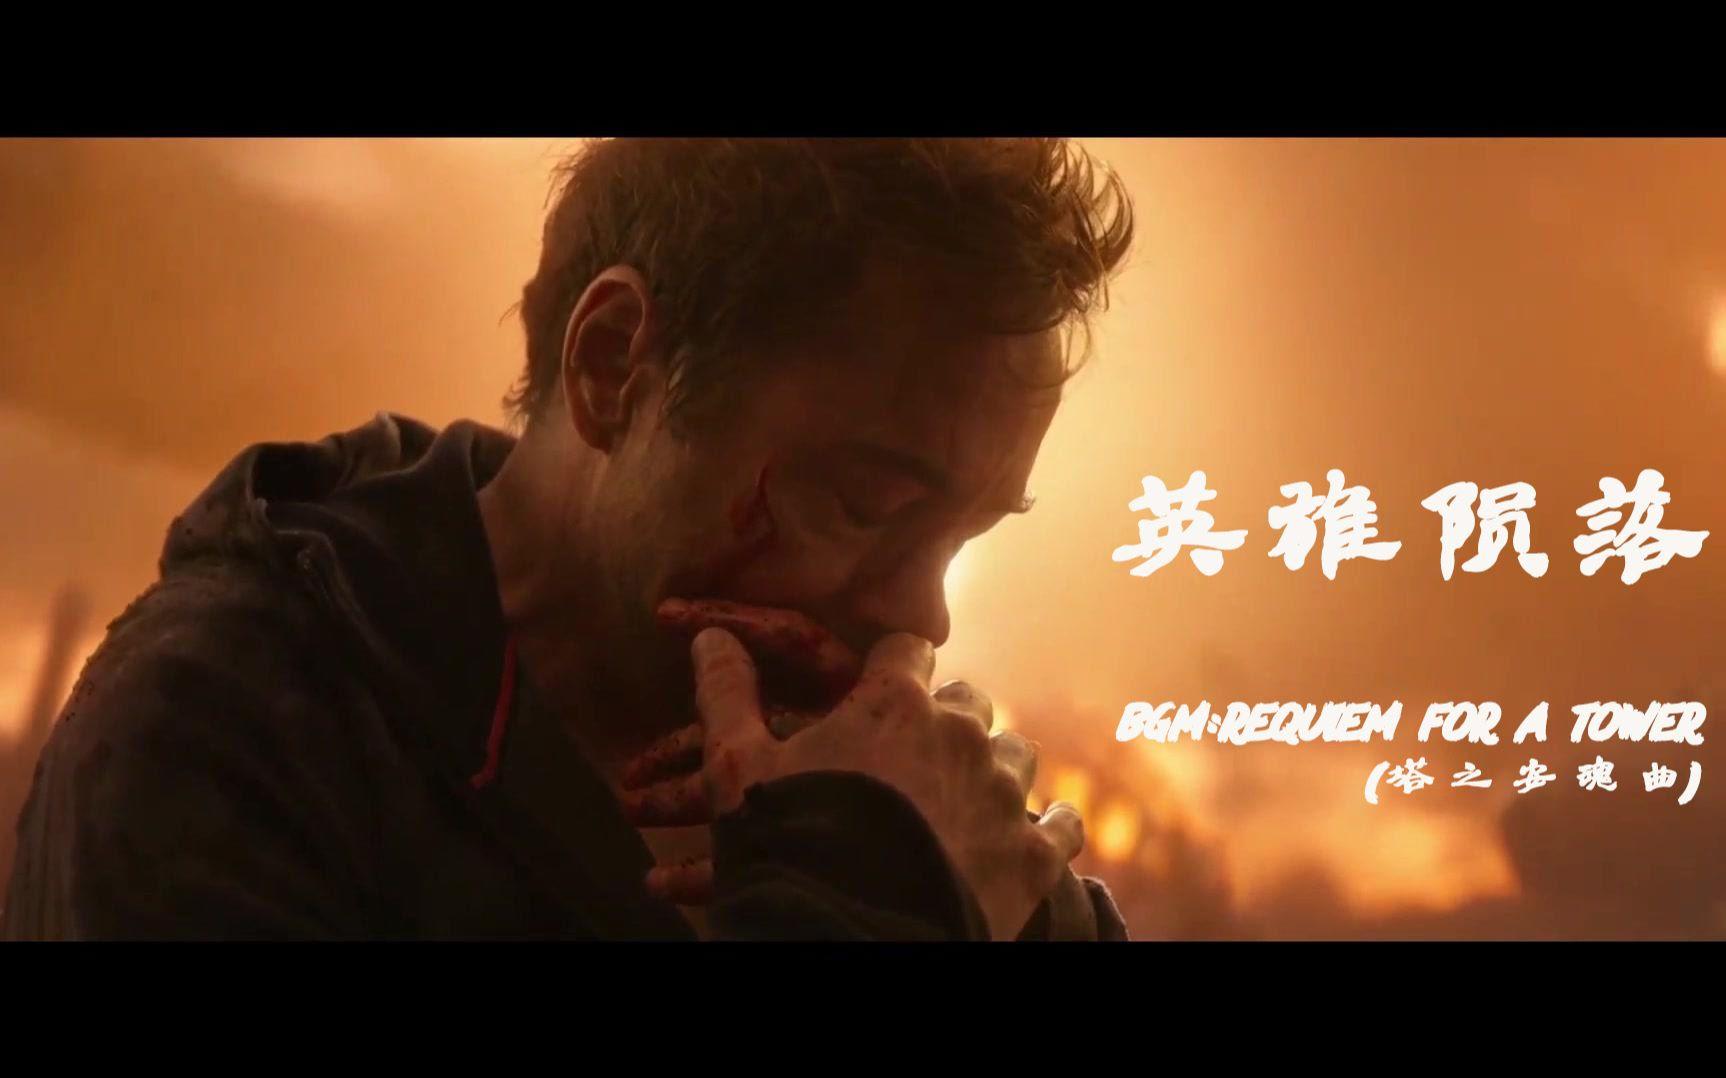 【复仇者联盟3】英雄陨落(灭霸打响指之后)